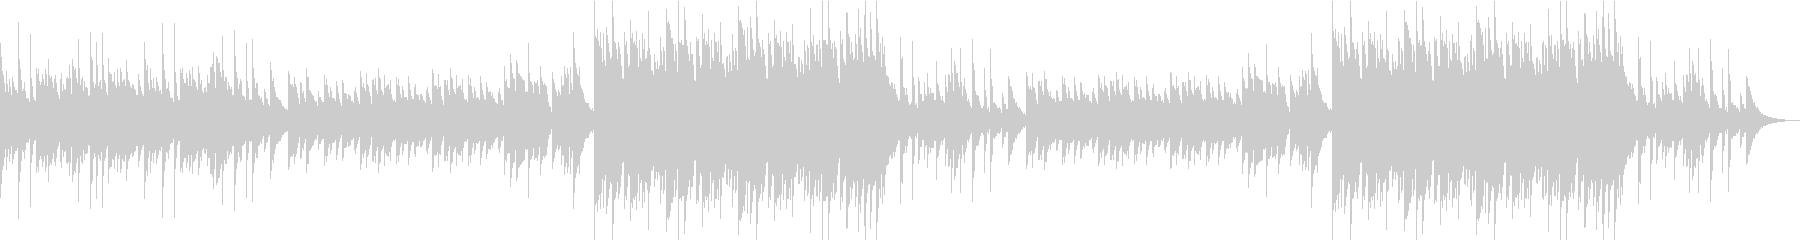 旋律が情緒的なピアノソロの三拍子バラードの未再生の波形